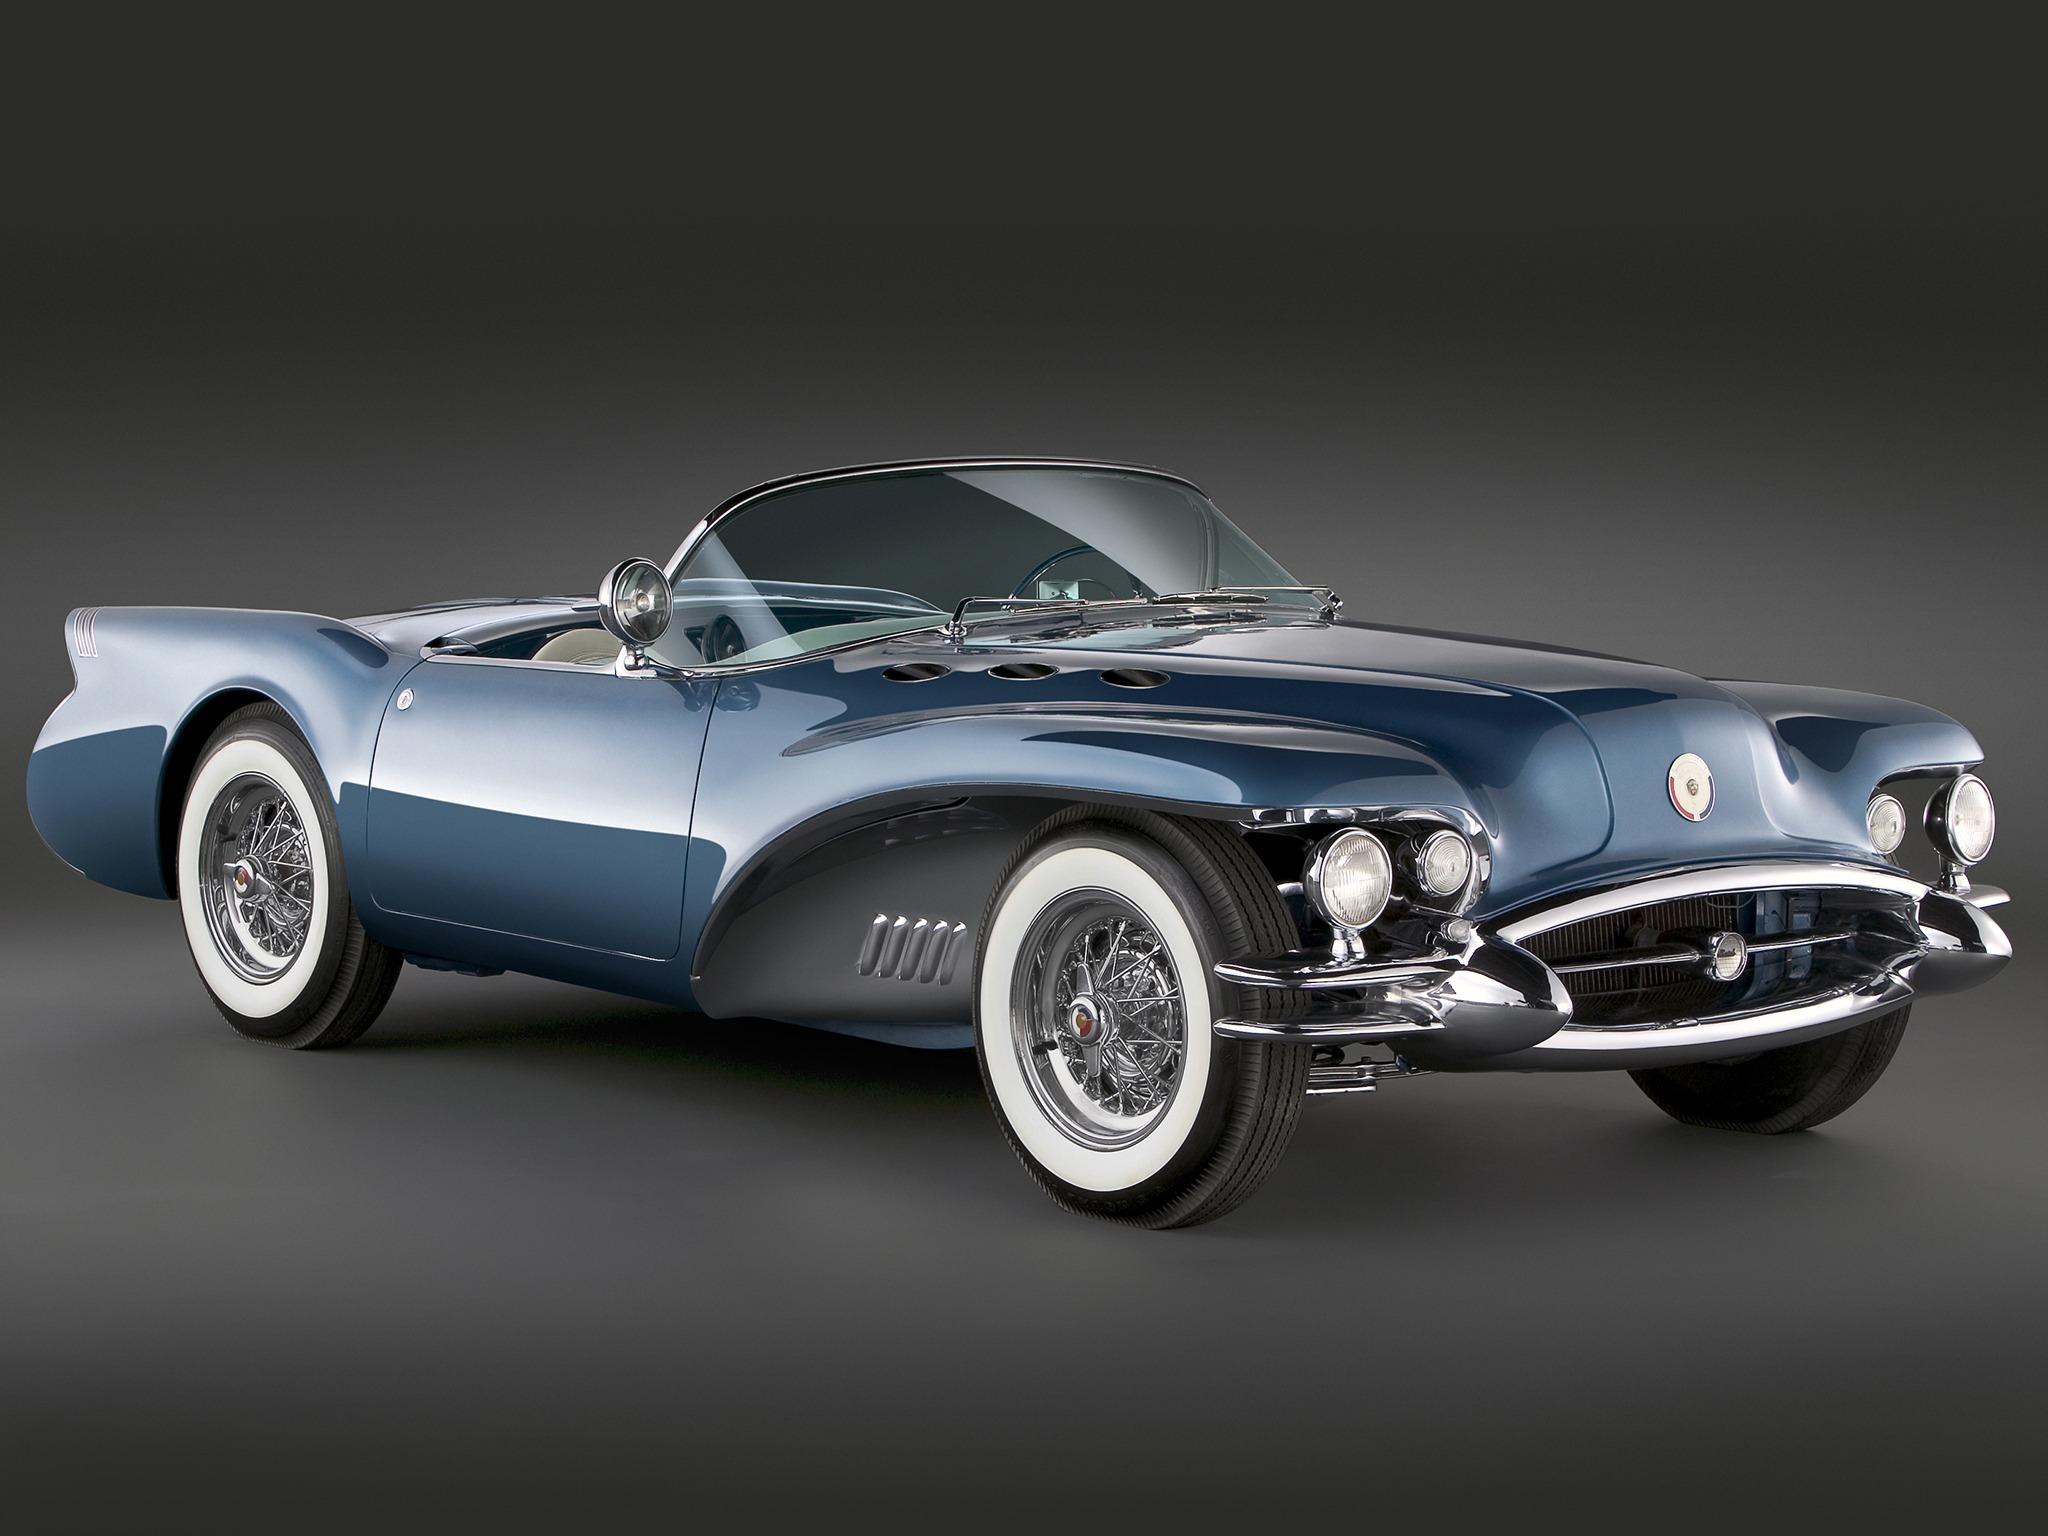 Buick_wildcat_ii_concept_car_1 Buick_wildcat_ii_concept_car_2 1954 Buick  Wildcat II Motorama Dream Car Buick_wildcat_ii_concept_car_4 ...